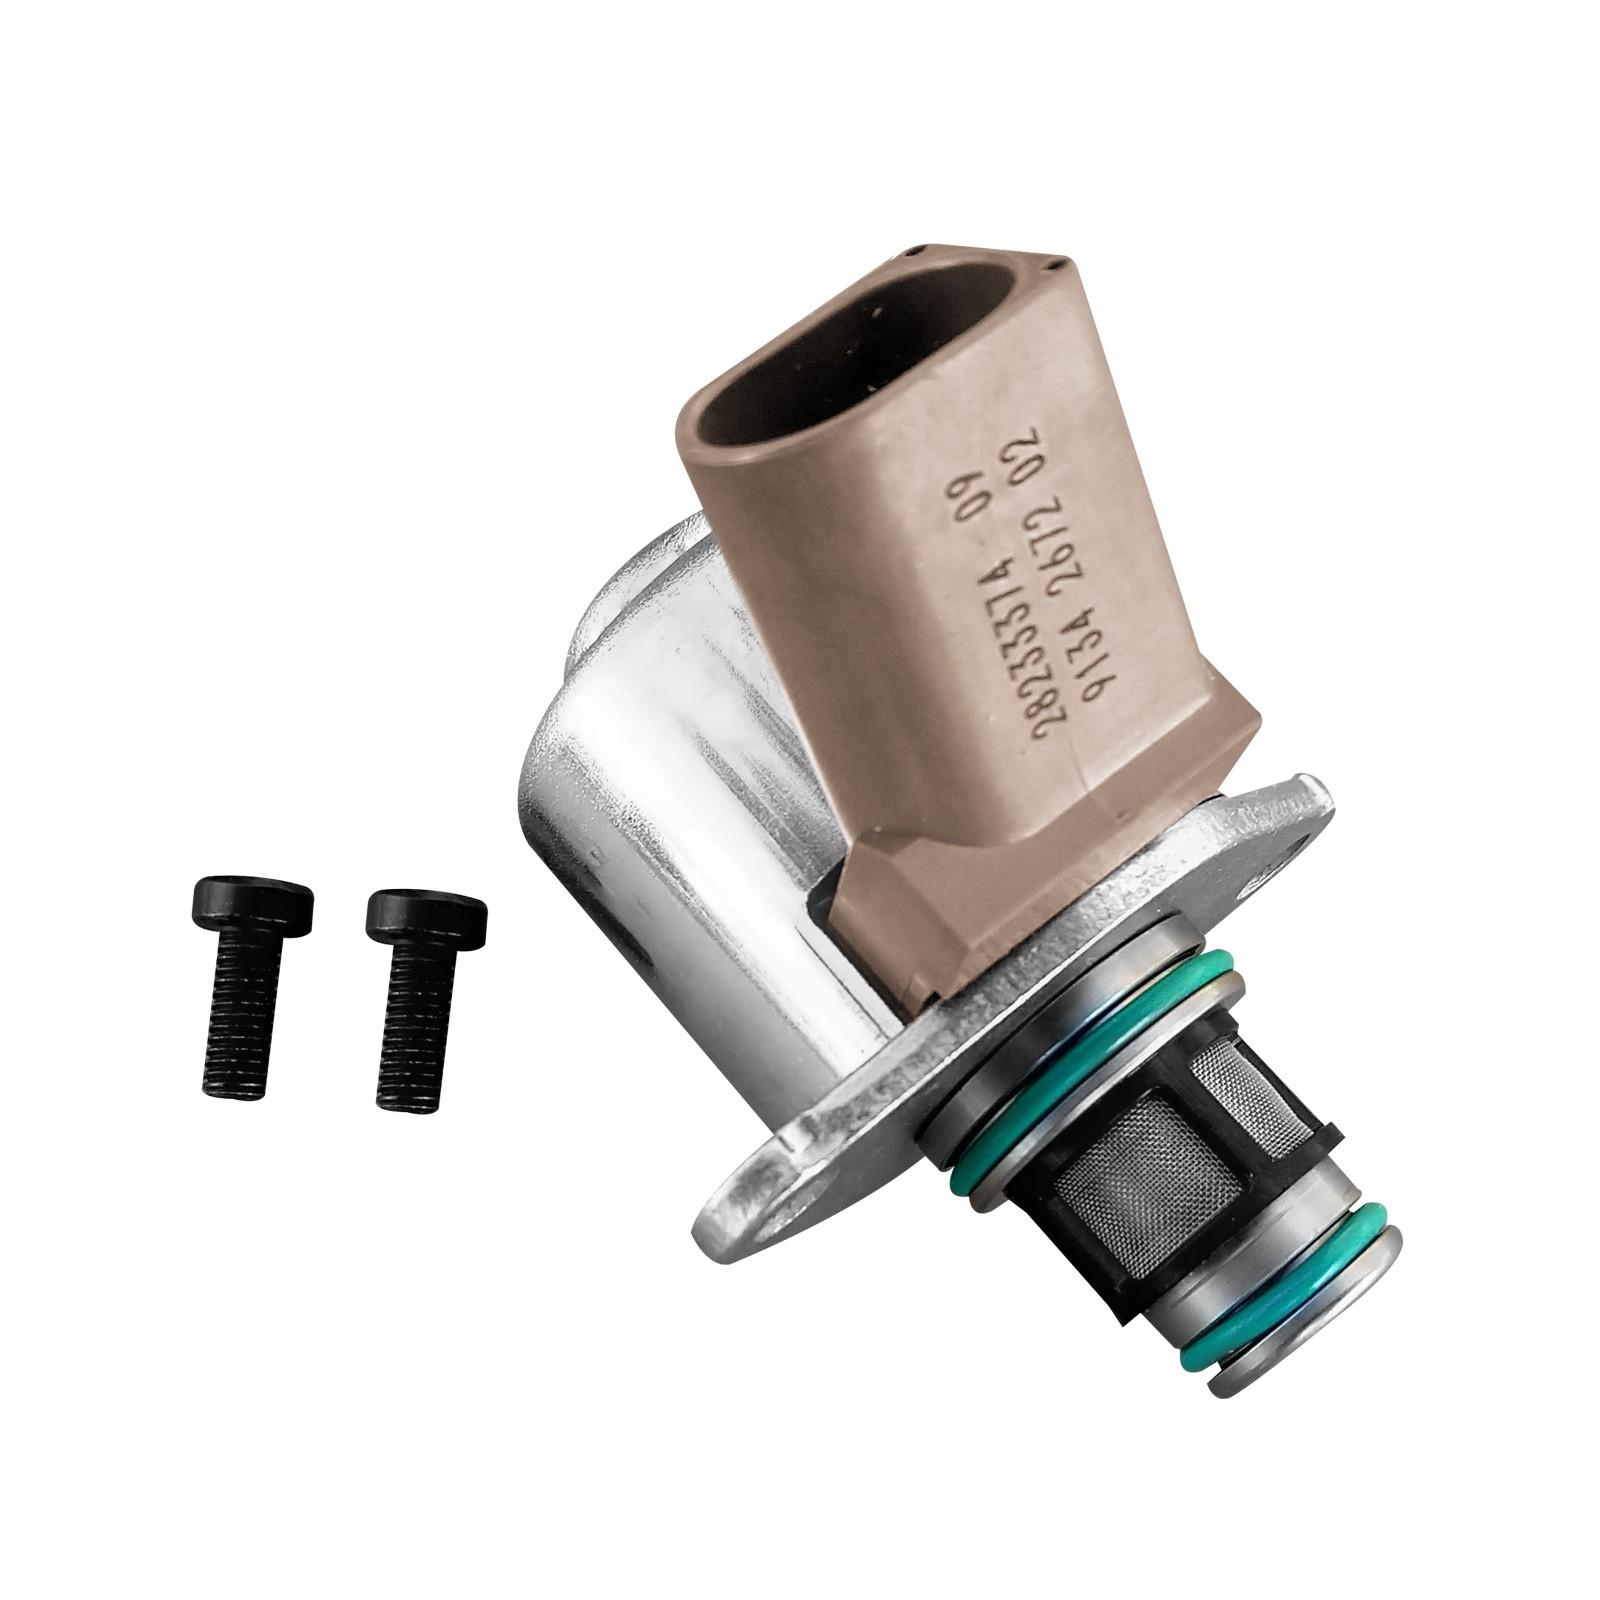 Válvula da Bomba de Alta Pressão Hyundai HR 2.5 16v Euro 5 2012 a 2020